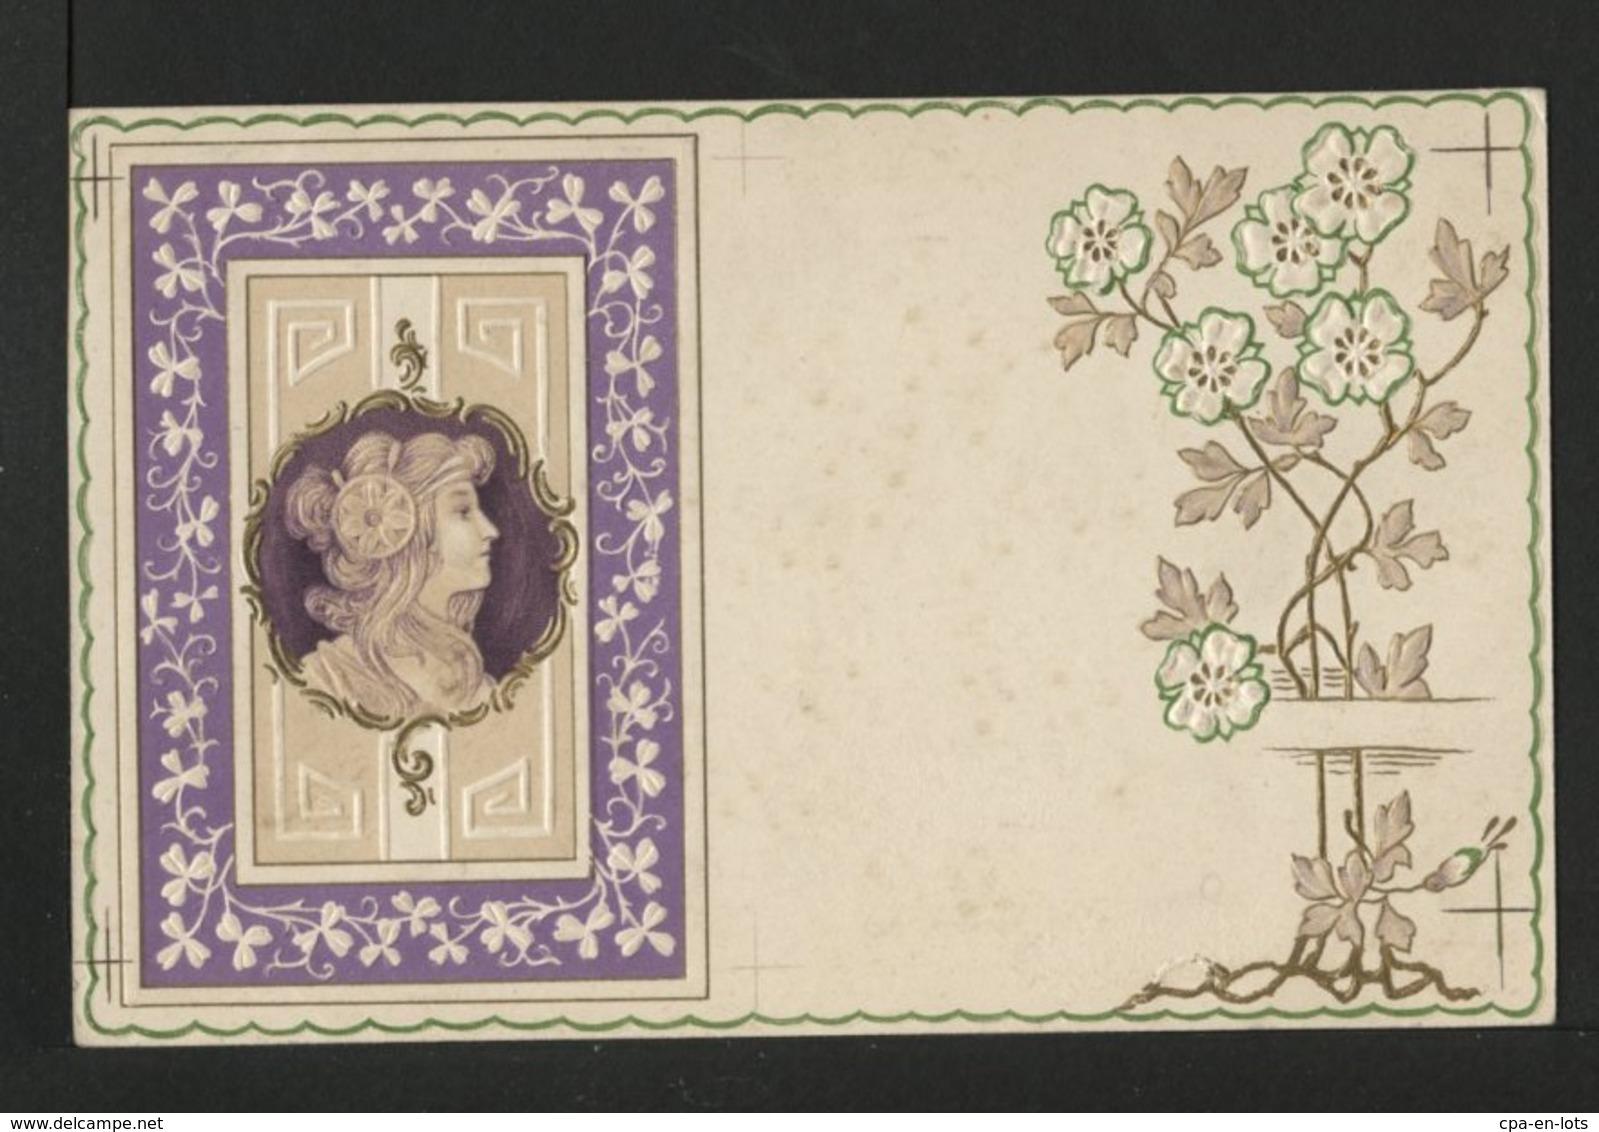 CPAENLOTS - 022 - LOT De 50 CPA Avec De Très Belles Sélections à L'intérieur , Moins De 1 €uro La CPA , à Ne Pas Rater ! - 5 - 99 Postcards